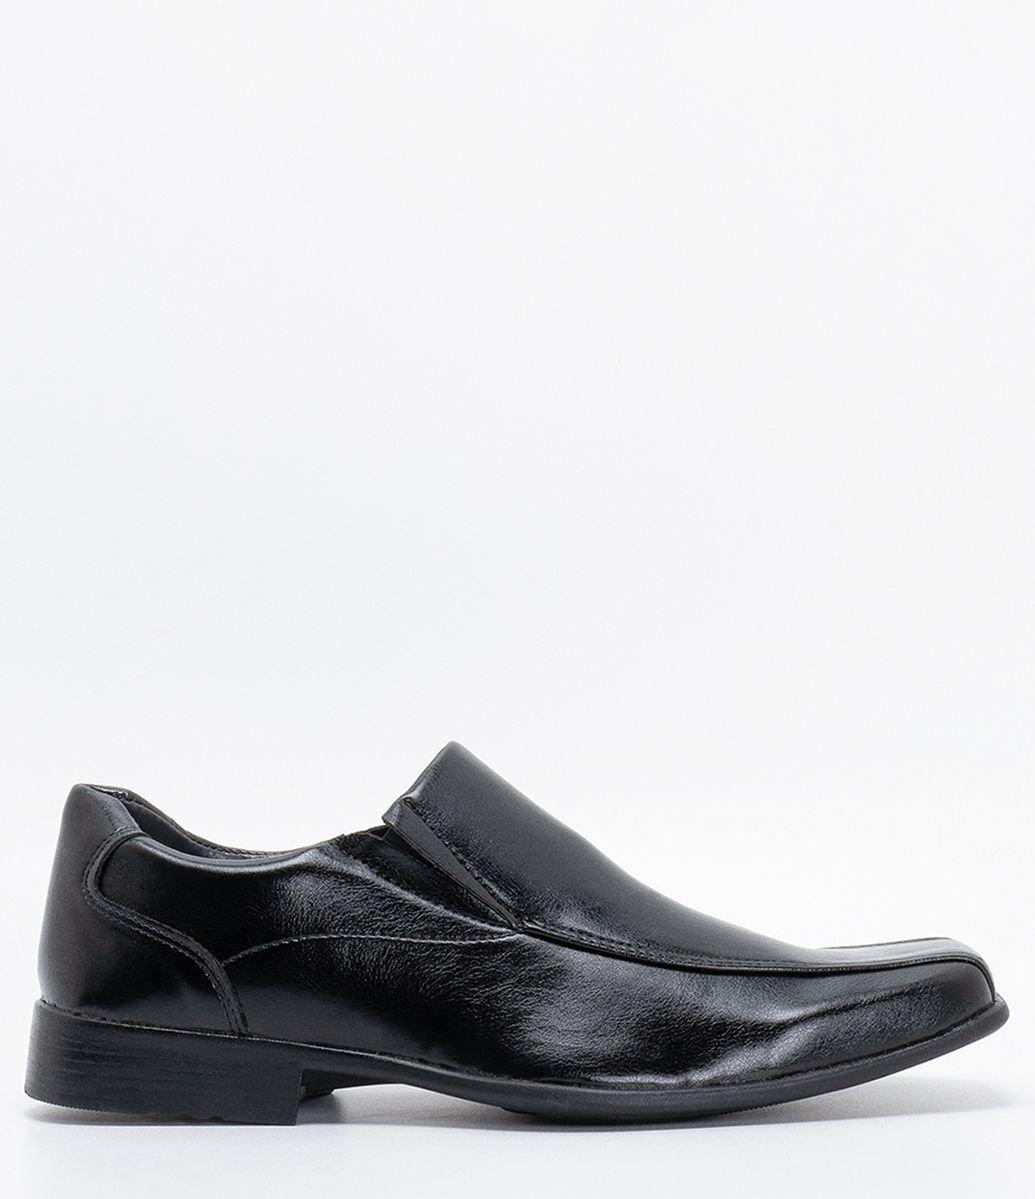 ac9290a14 HOME · Calçados · Sapatos; Sapato Social Masculino. Brinde